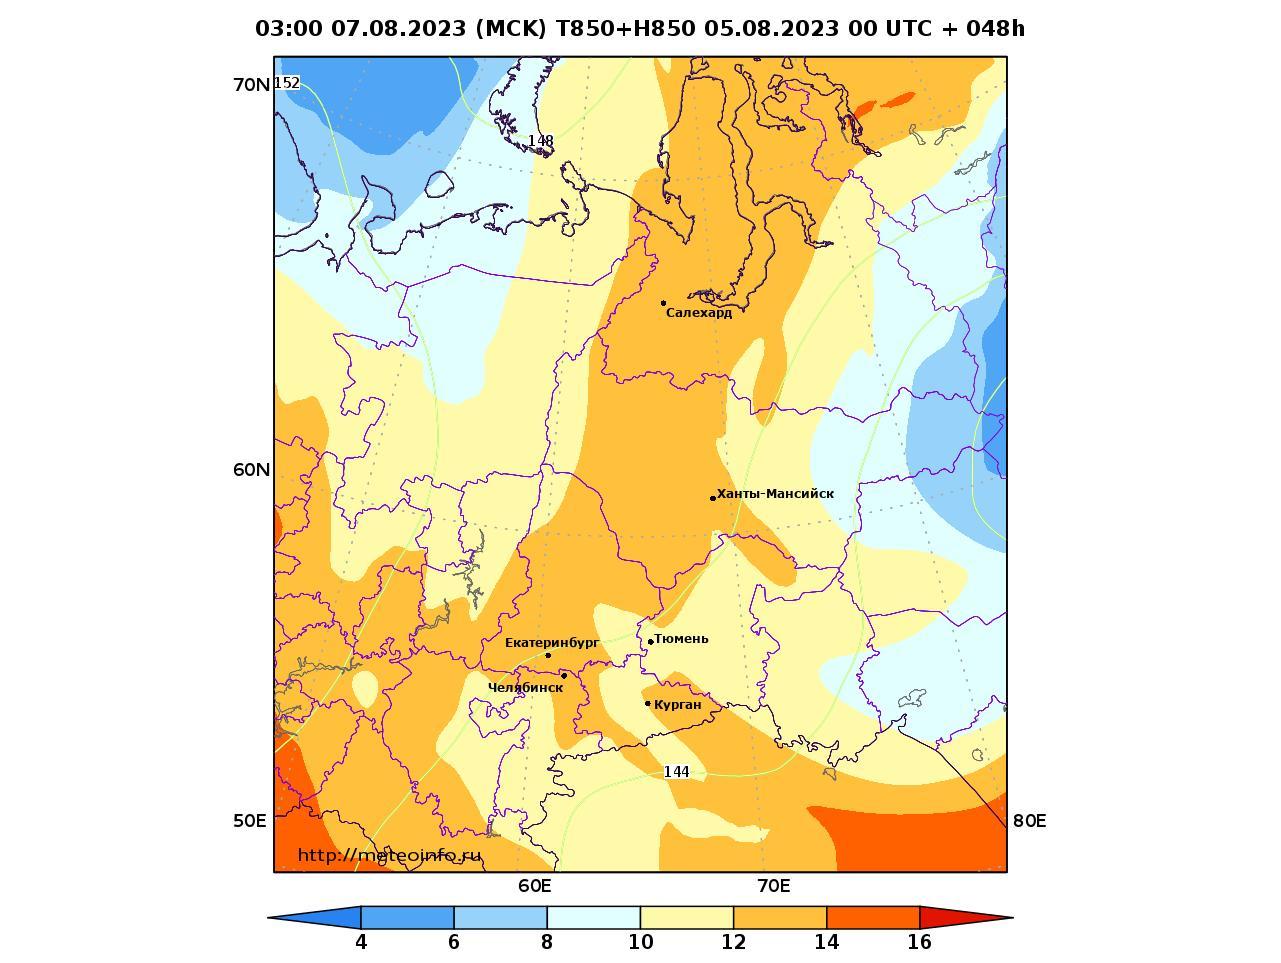 Уральский Федеральный округ, прогностическая карта температура T850 и геопотенциал H850, заблаговременность прогноза 48 часов